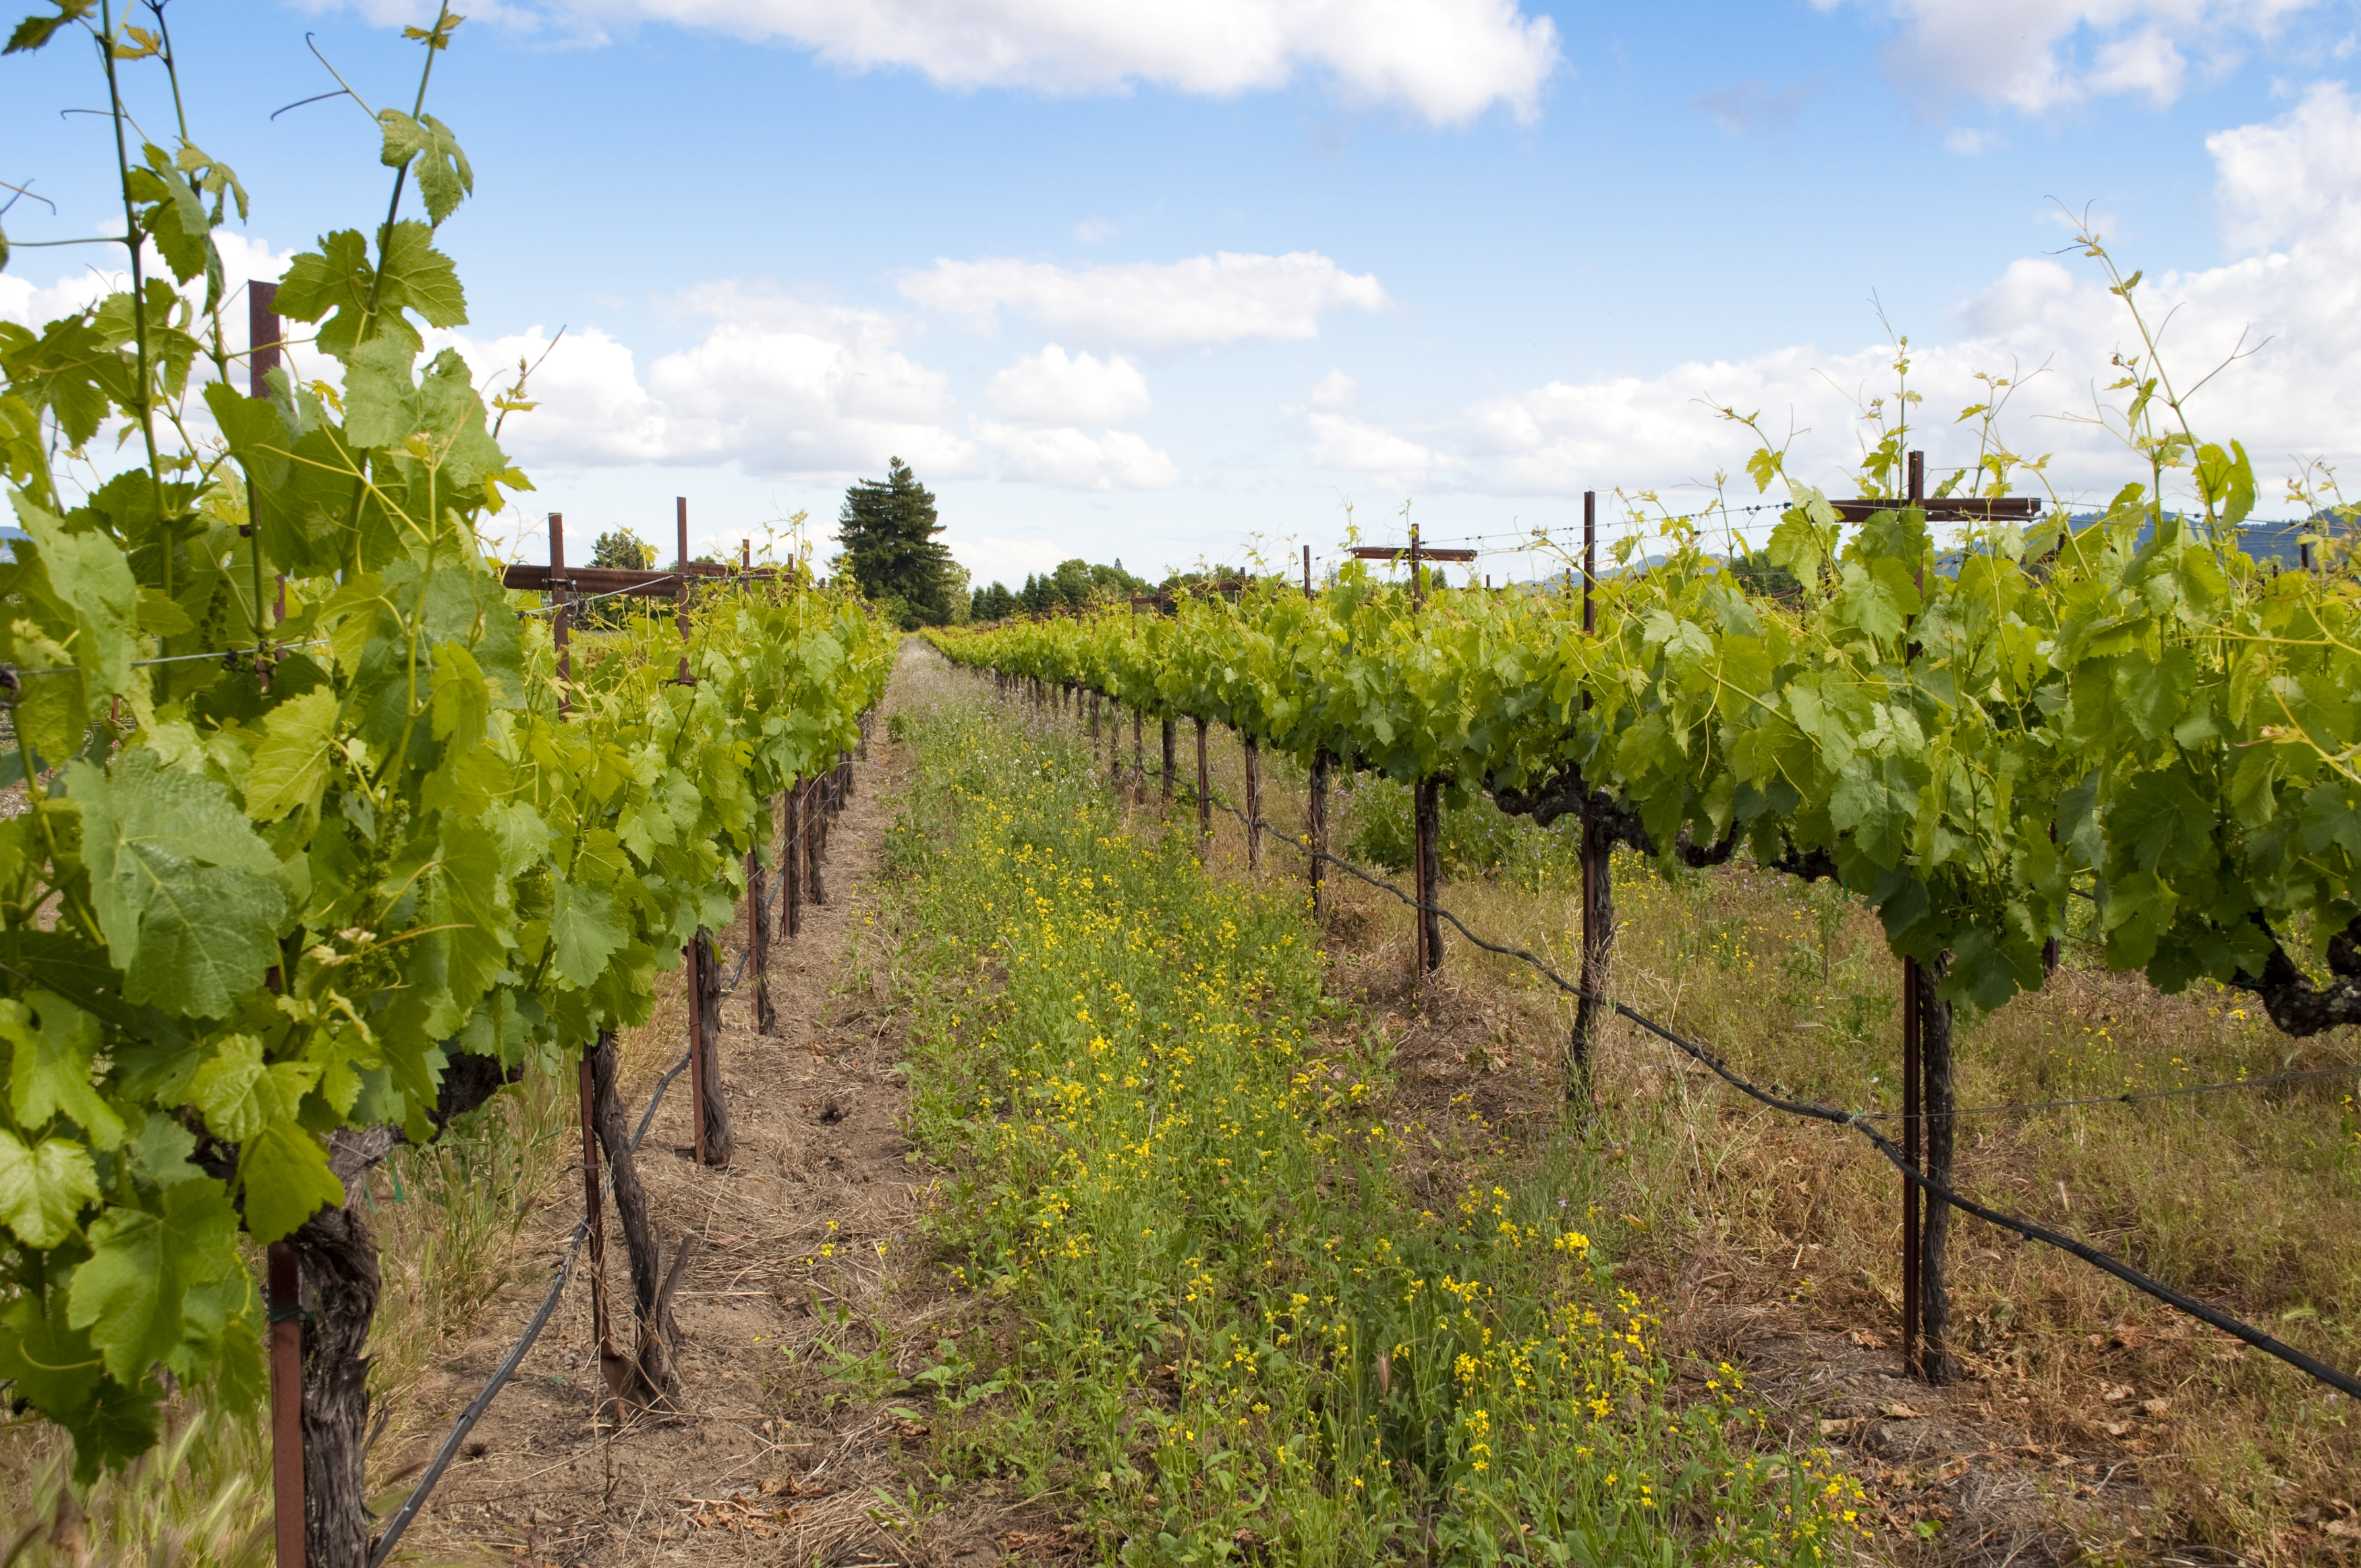 Vineyard photo